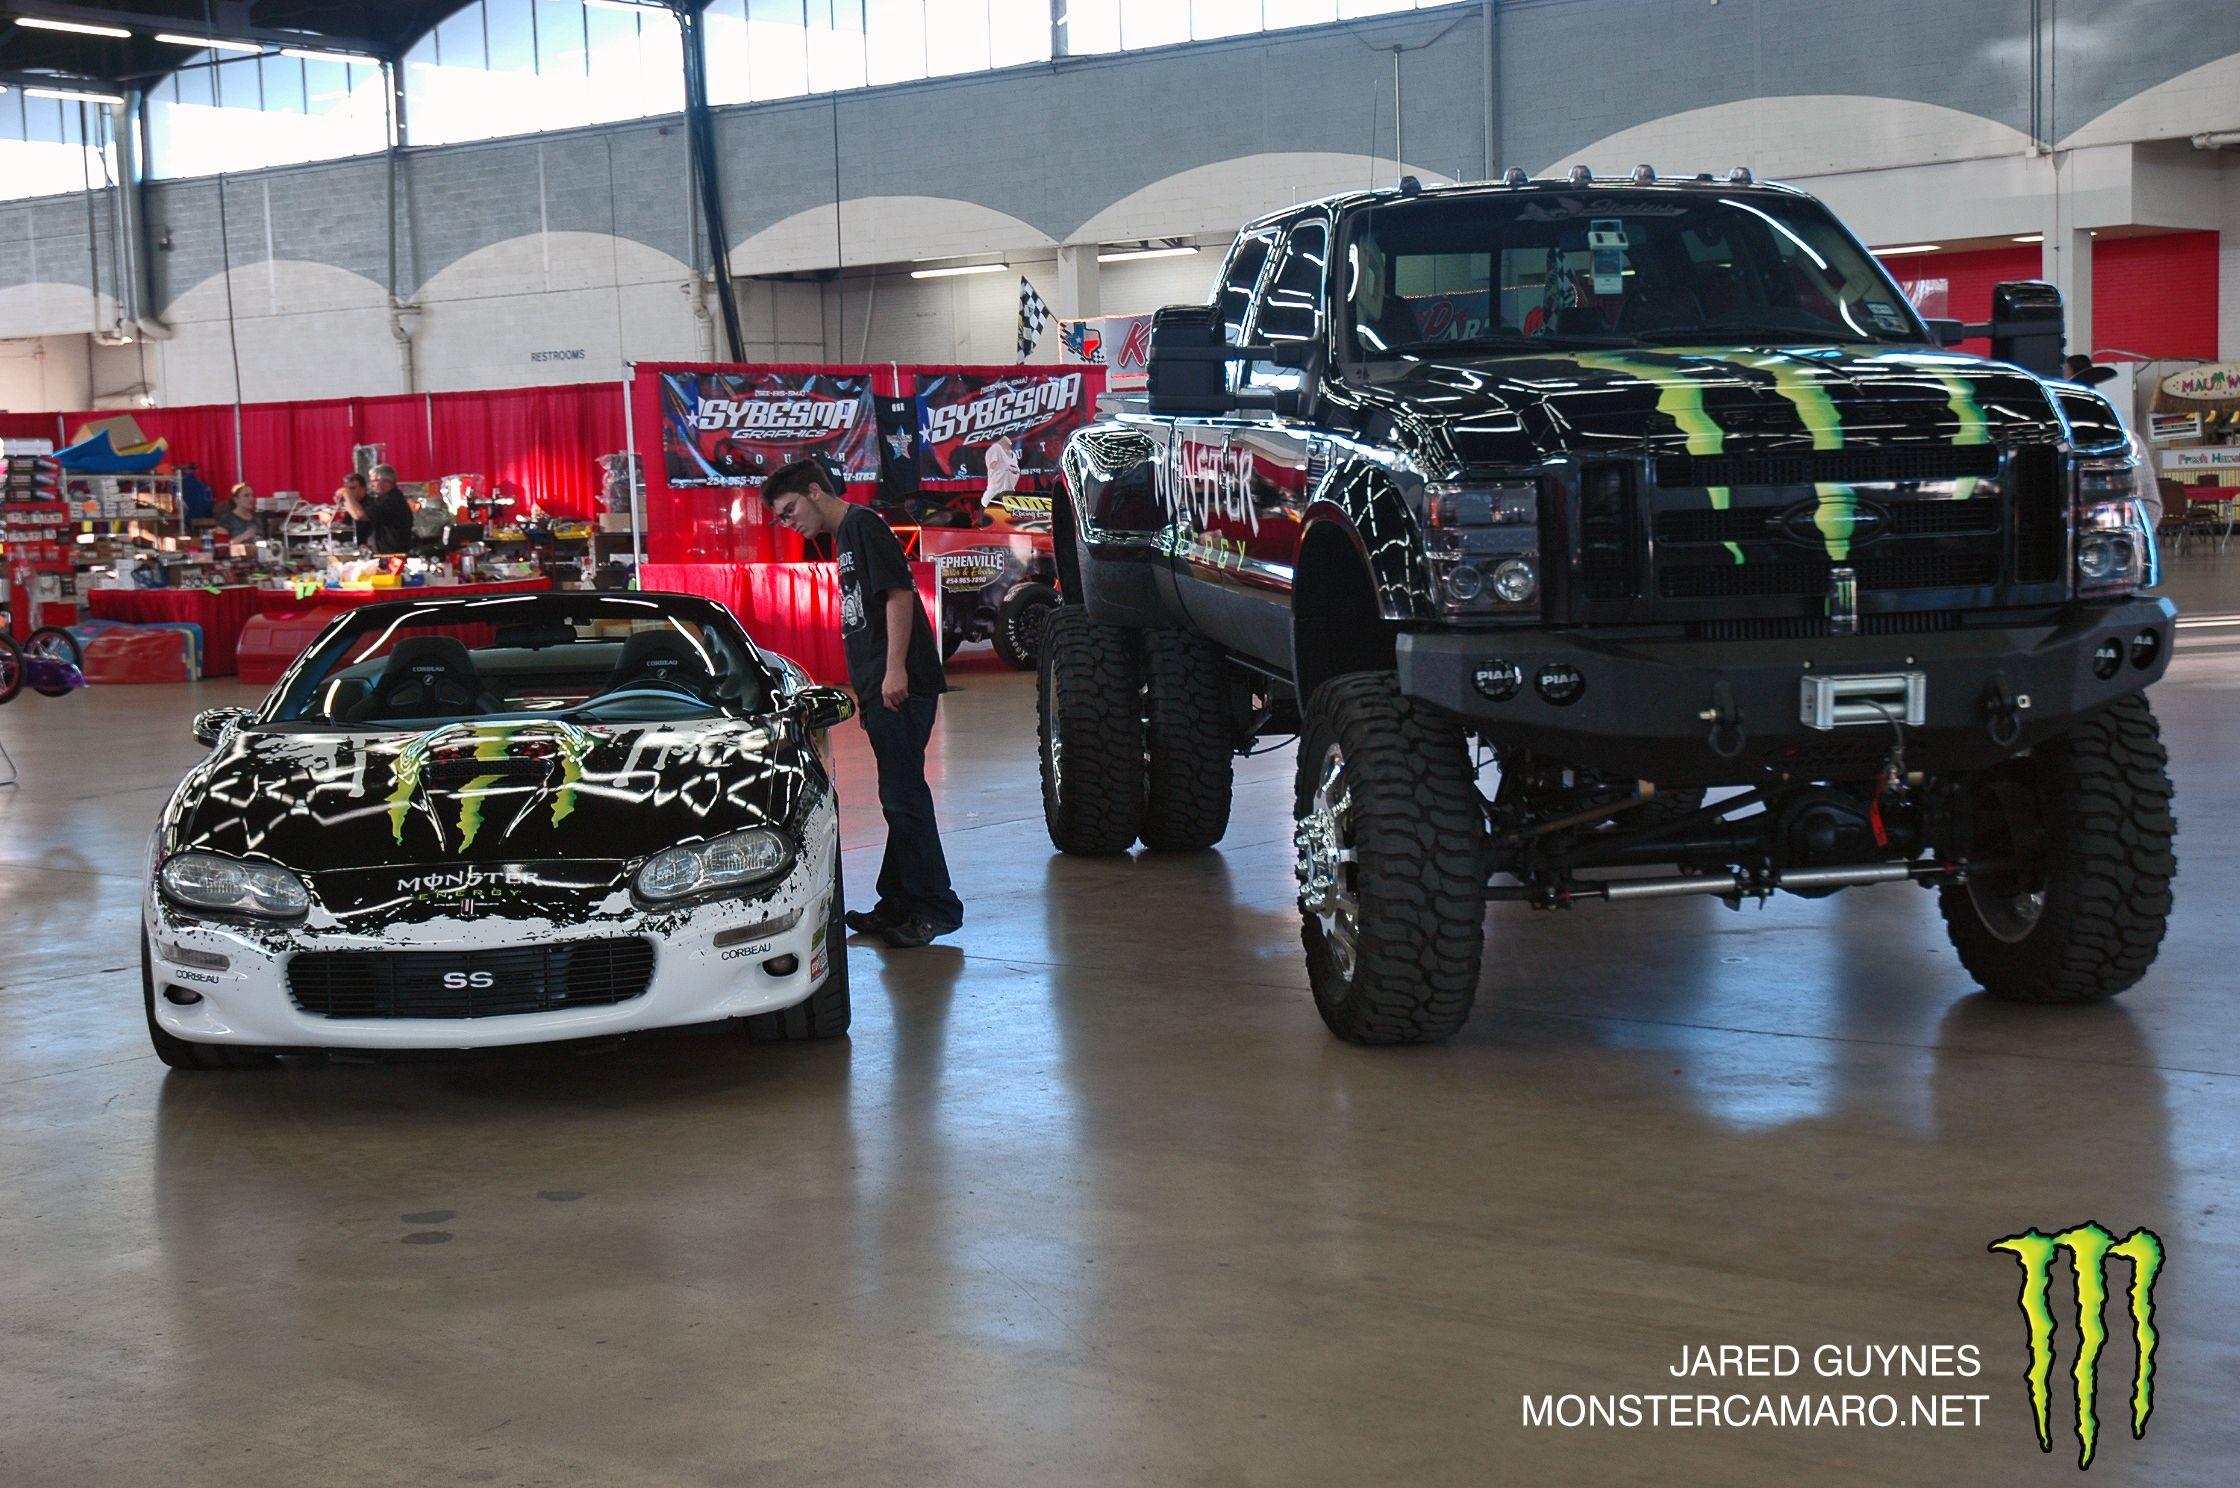 Top Monster Energy Truck Wallpaper Wallpapers Monster Energy Trucks Monster